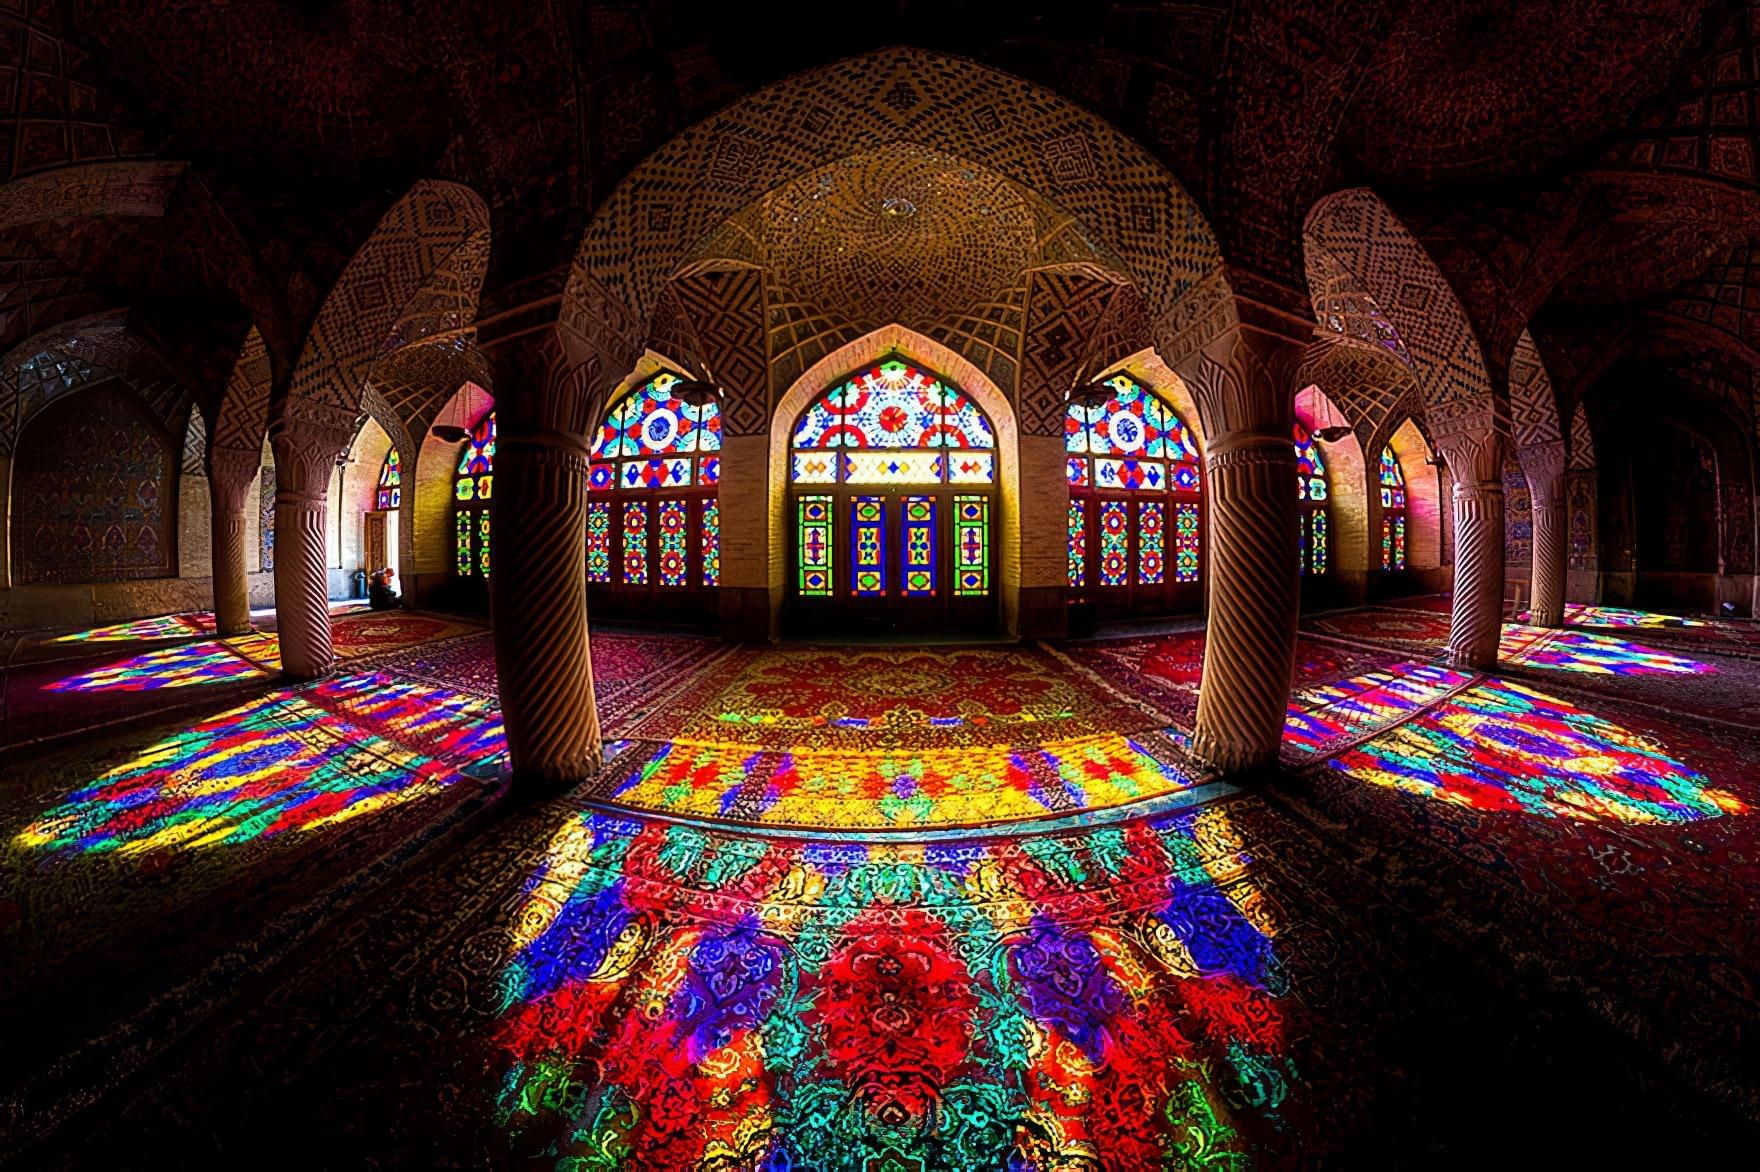 L'intérieur fascinant des mosquées et palais d'Iran